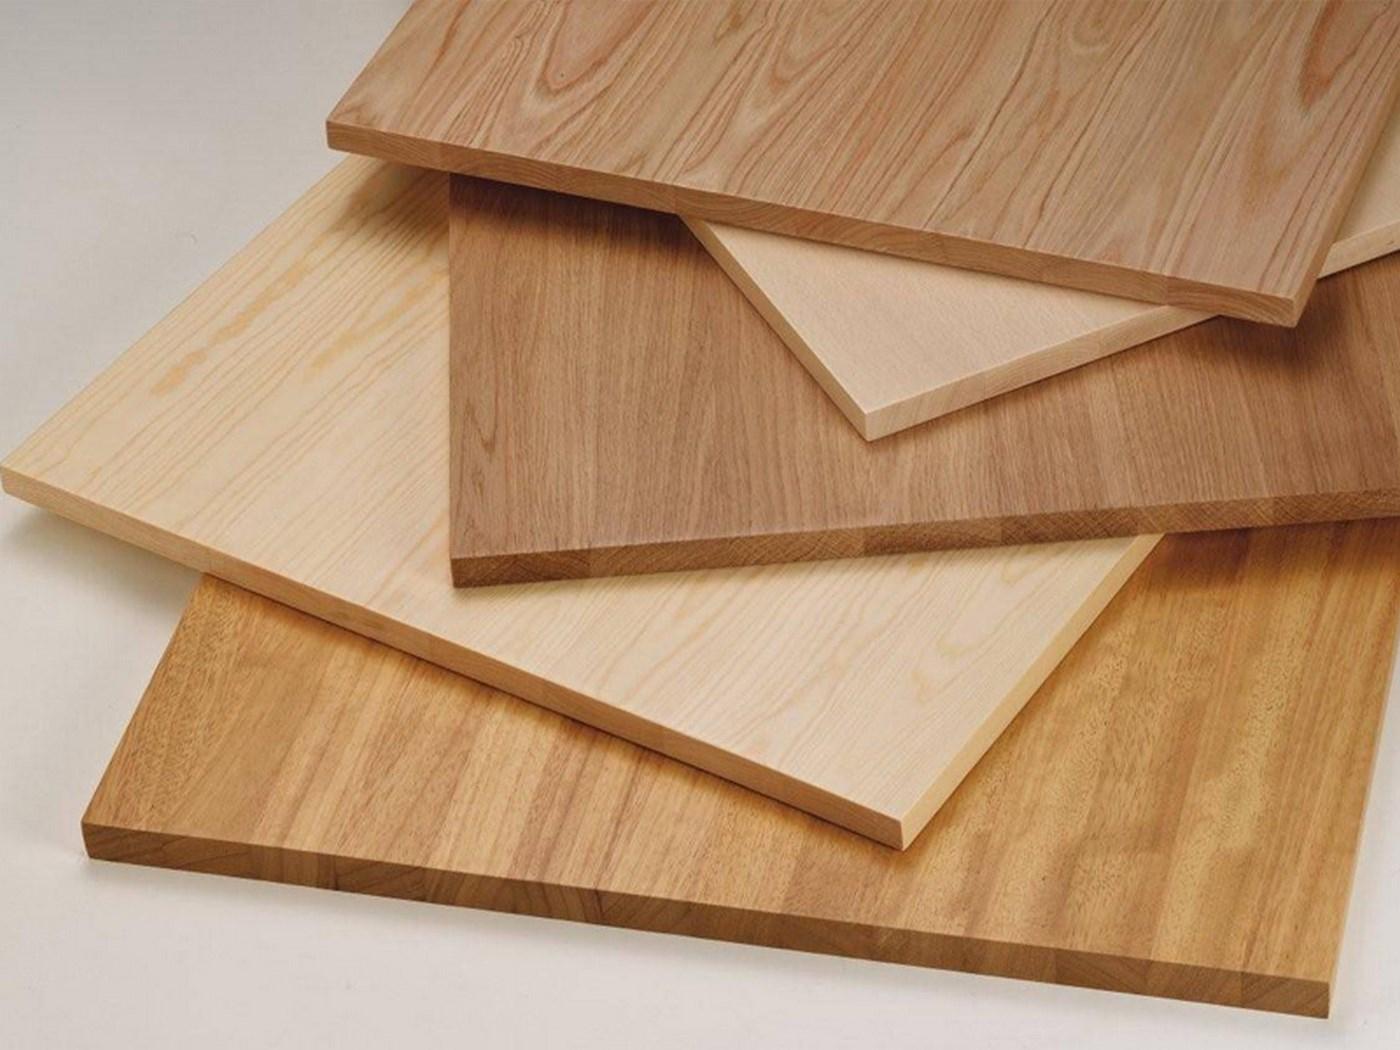 Изготовление деревянных лестниц на второй этаж под ключ на з.